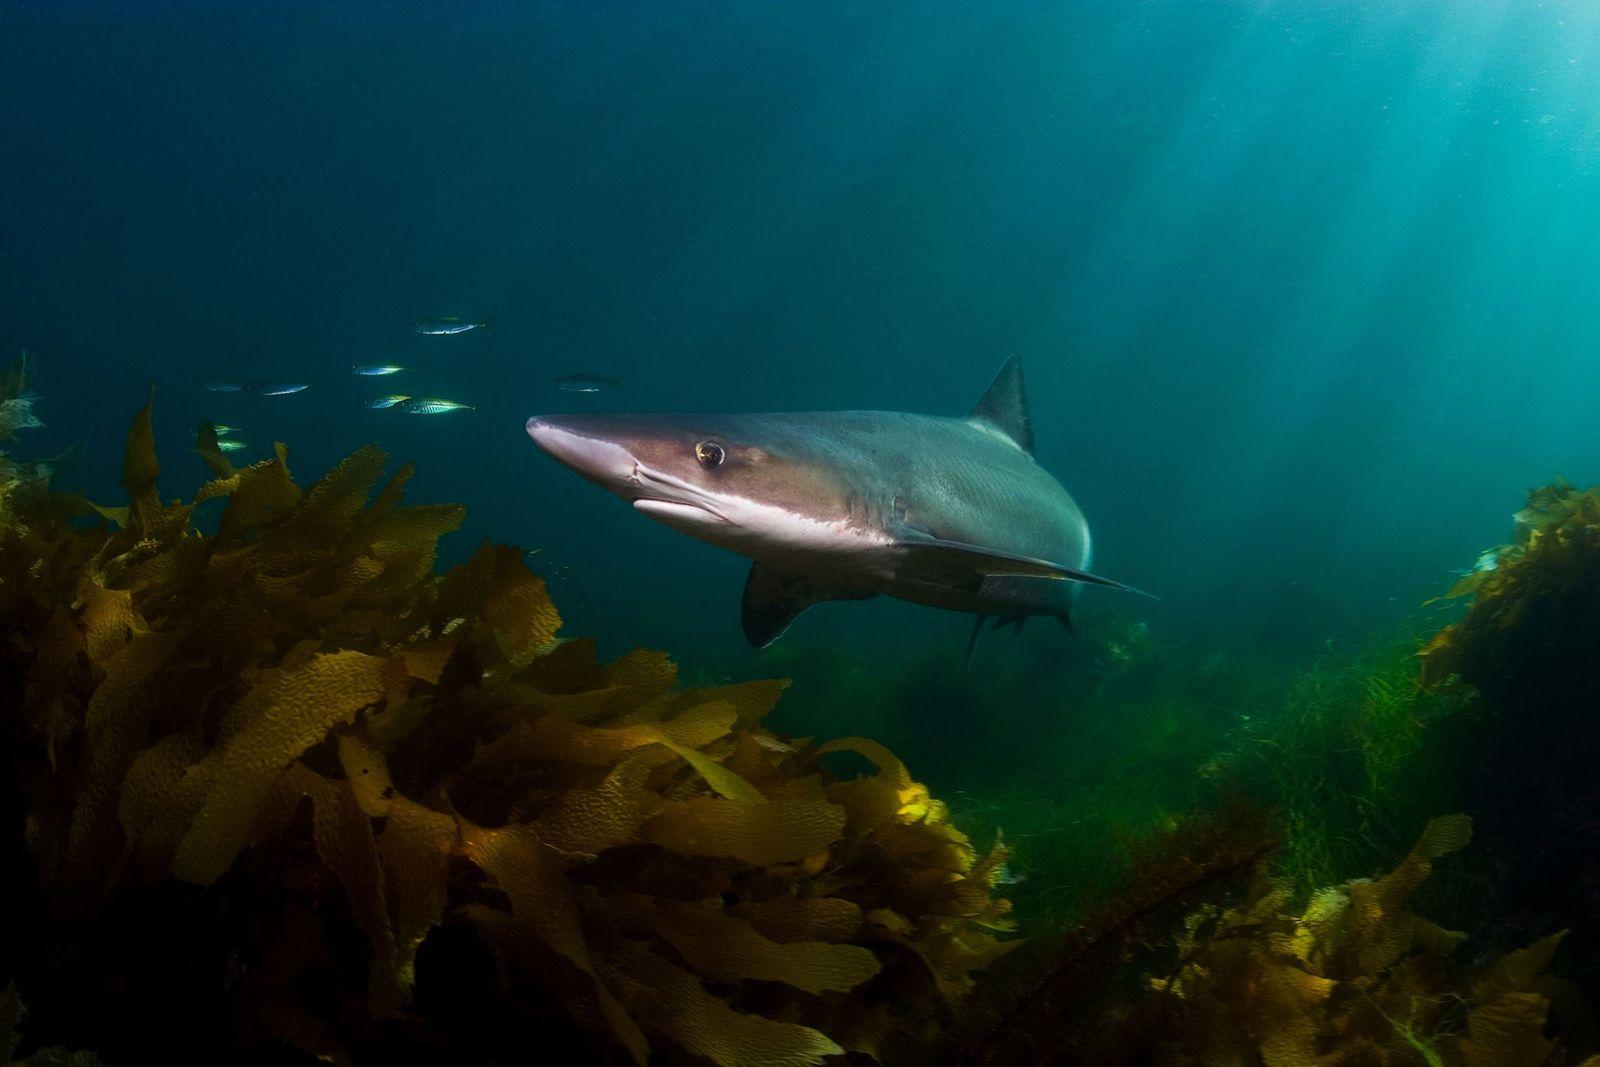 Sonnenmilch & Co: Viele Kosmetika enthalten Öl aus Hailebern